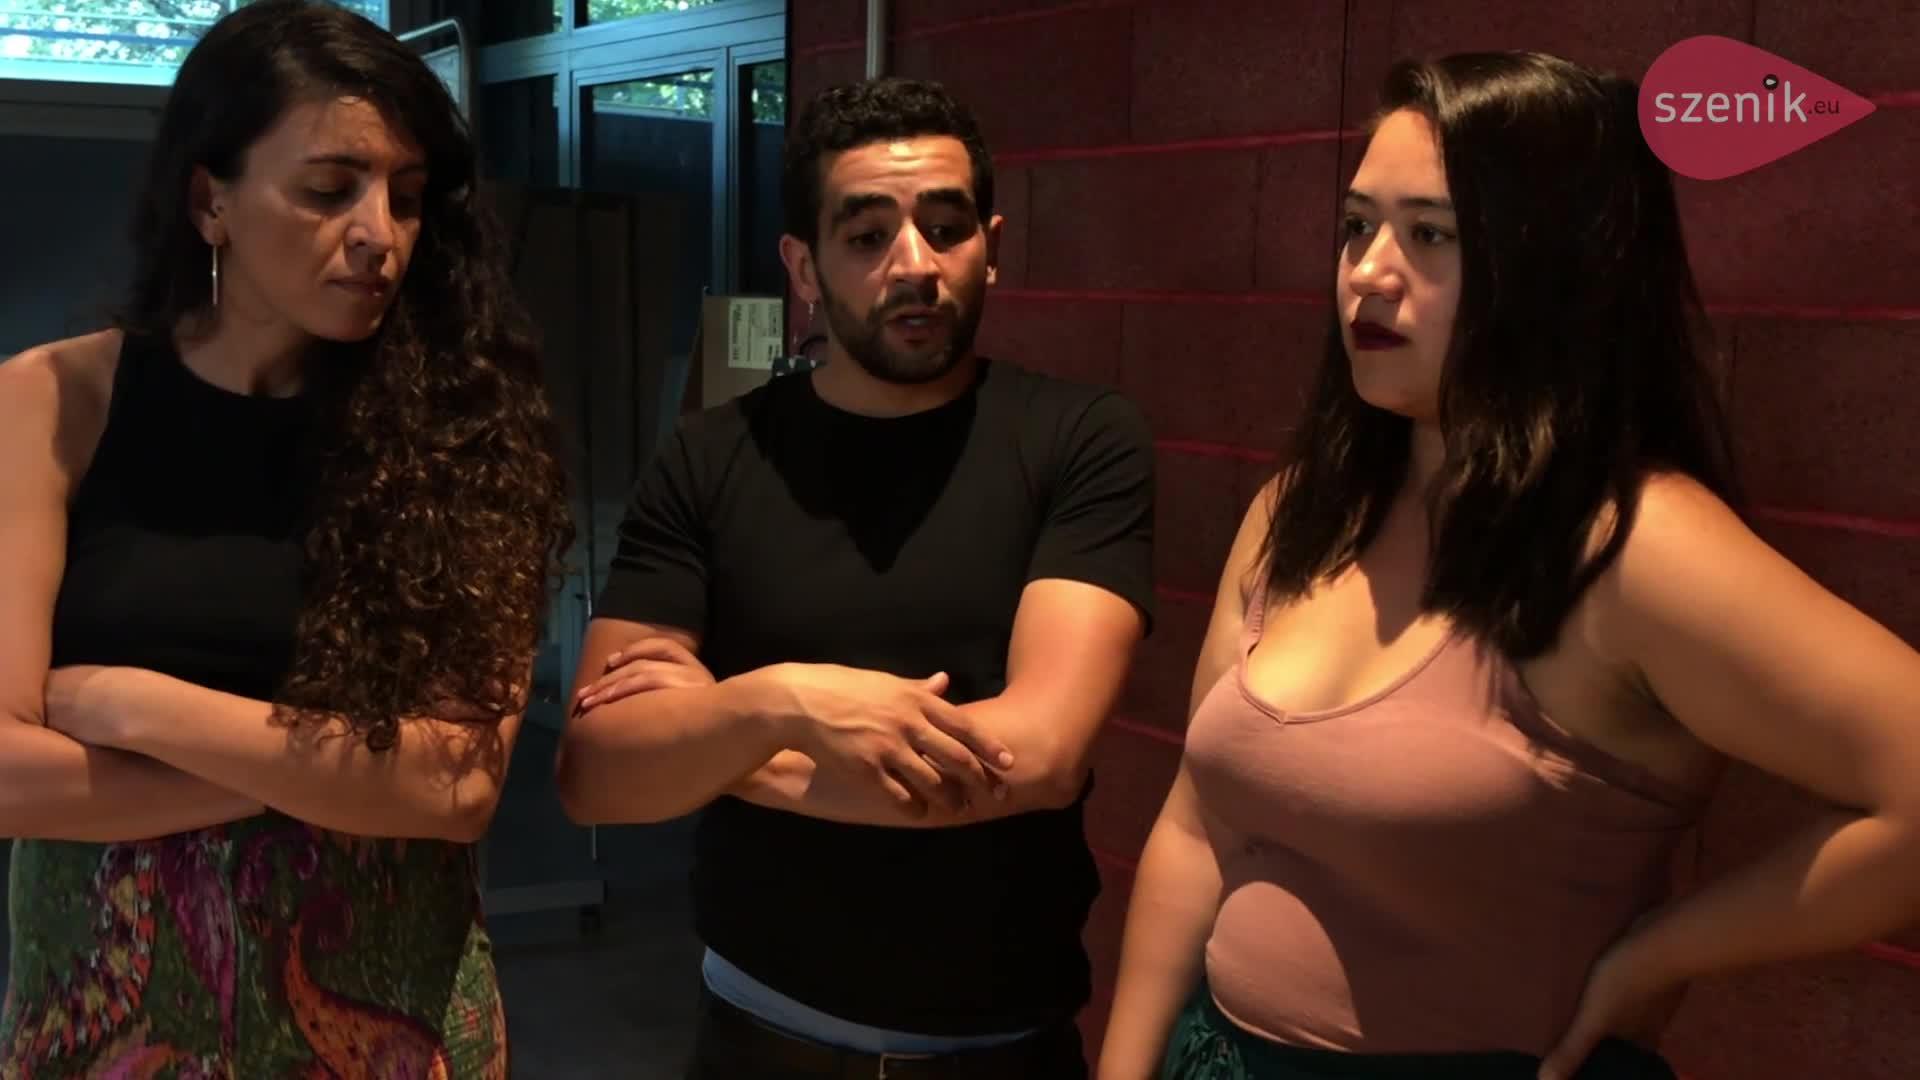 """Vidéo """"Andromaque à l'infini"""" - Entretien avec Sonia Hardoub, Mehdi Limam et Emika Maruta - Szenik.eu"""